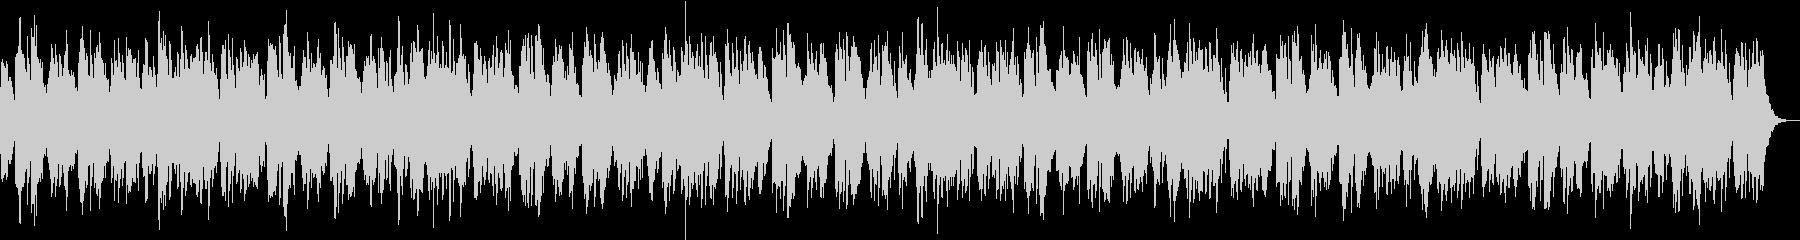 ゆったりした映像に合うヒーリングBGMの未再生の波形